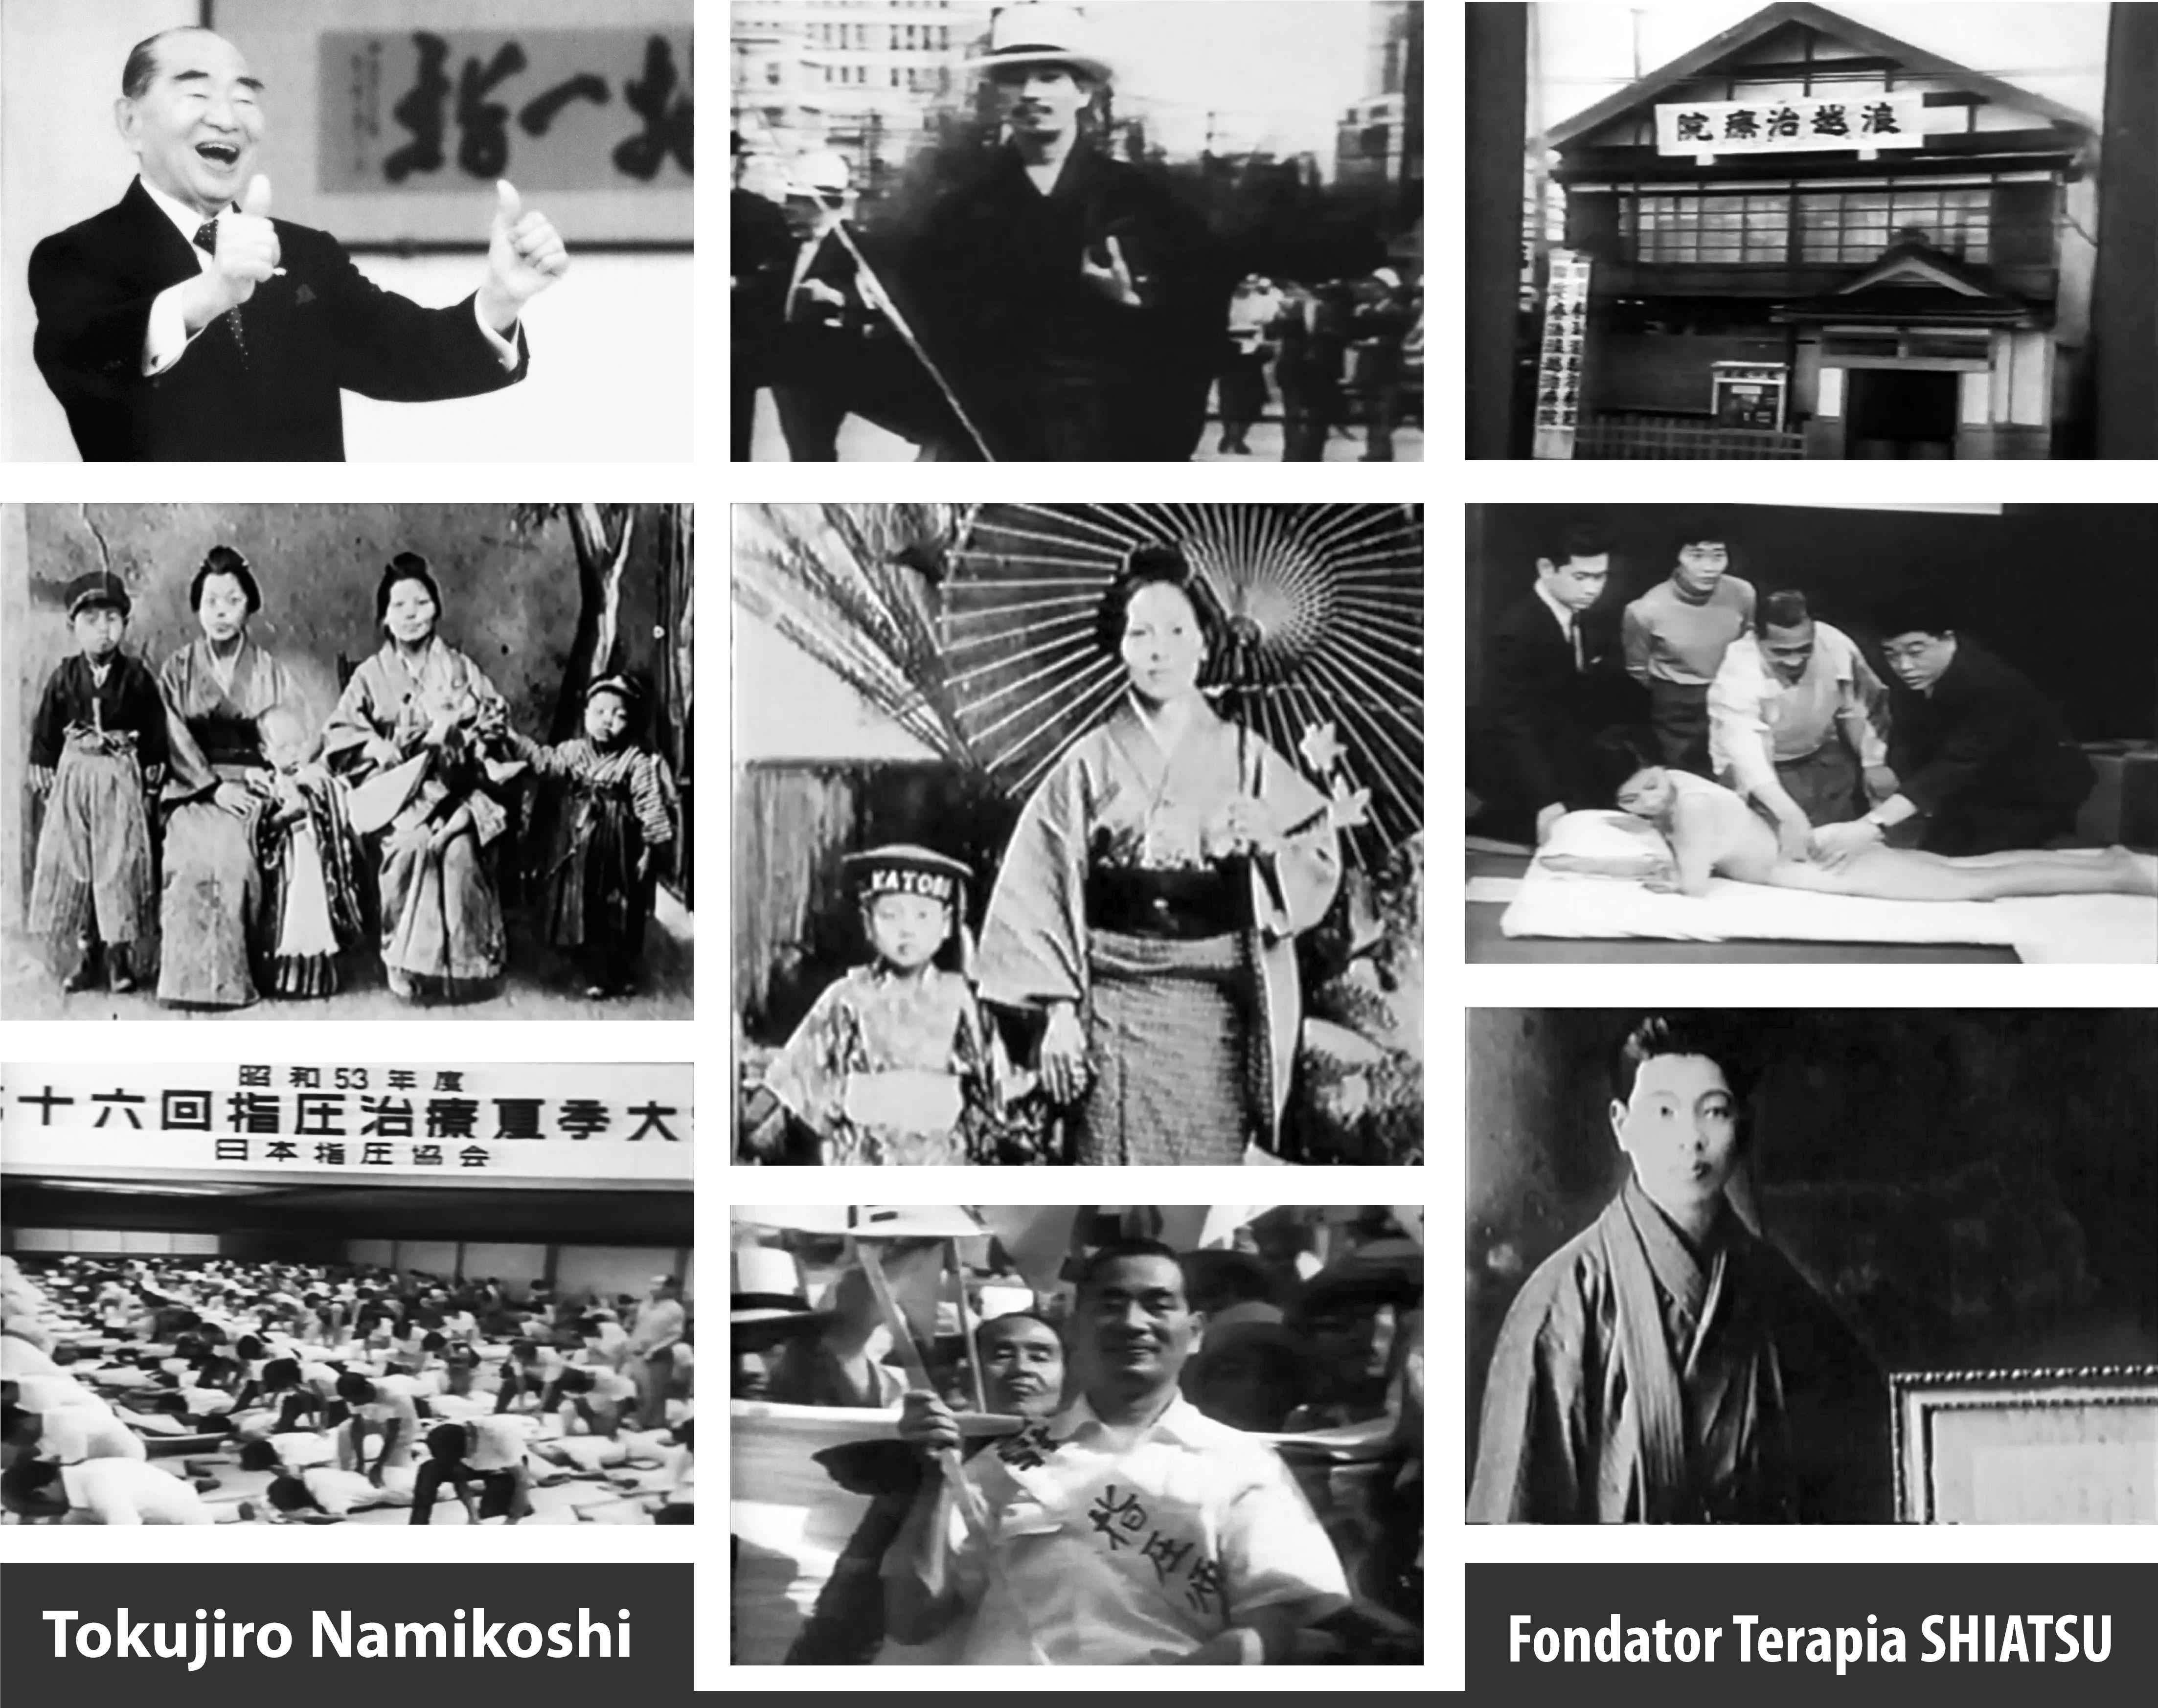 Tokujiro Namikoshi Fondator Terapia Shiatsu